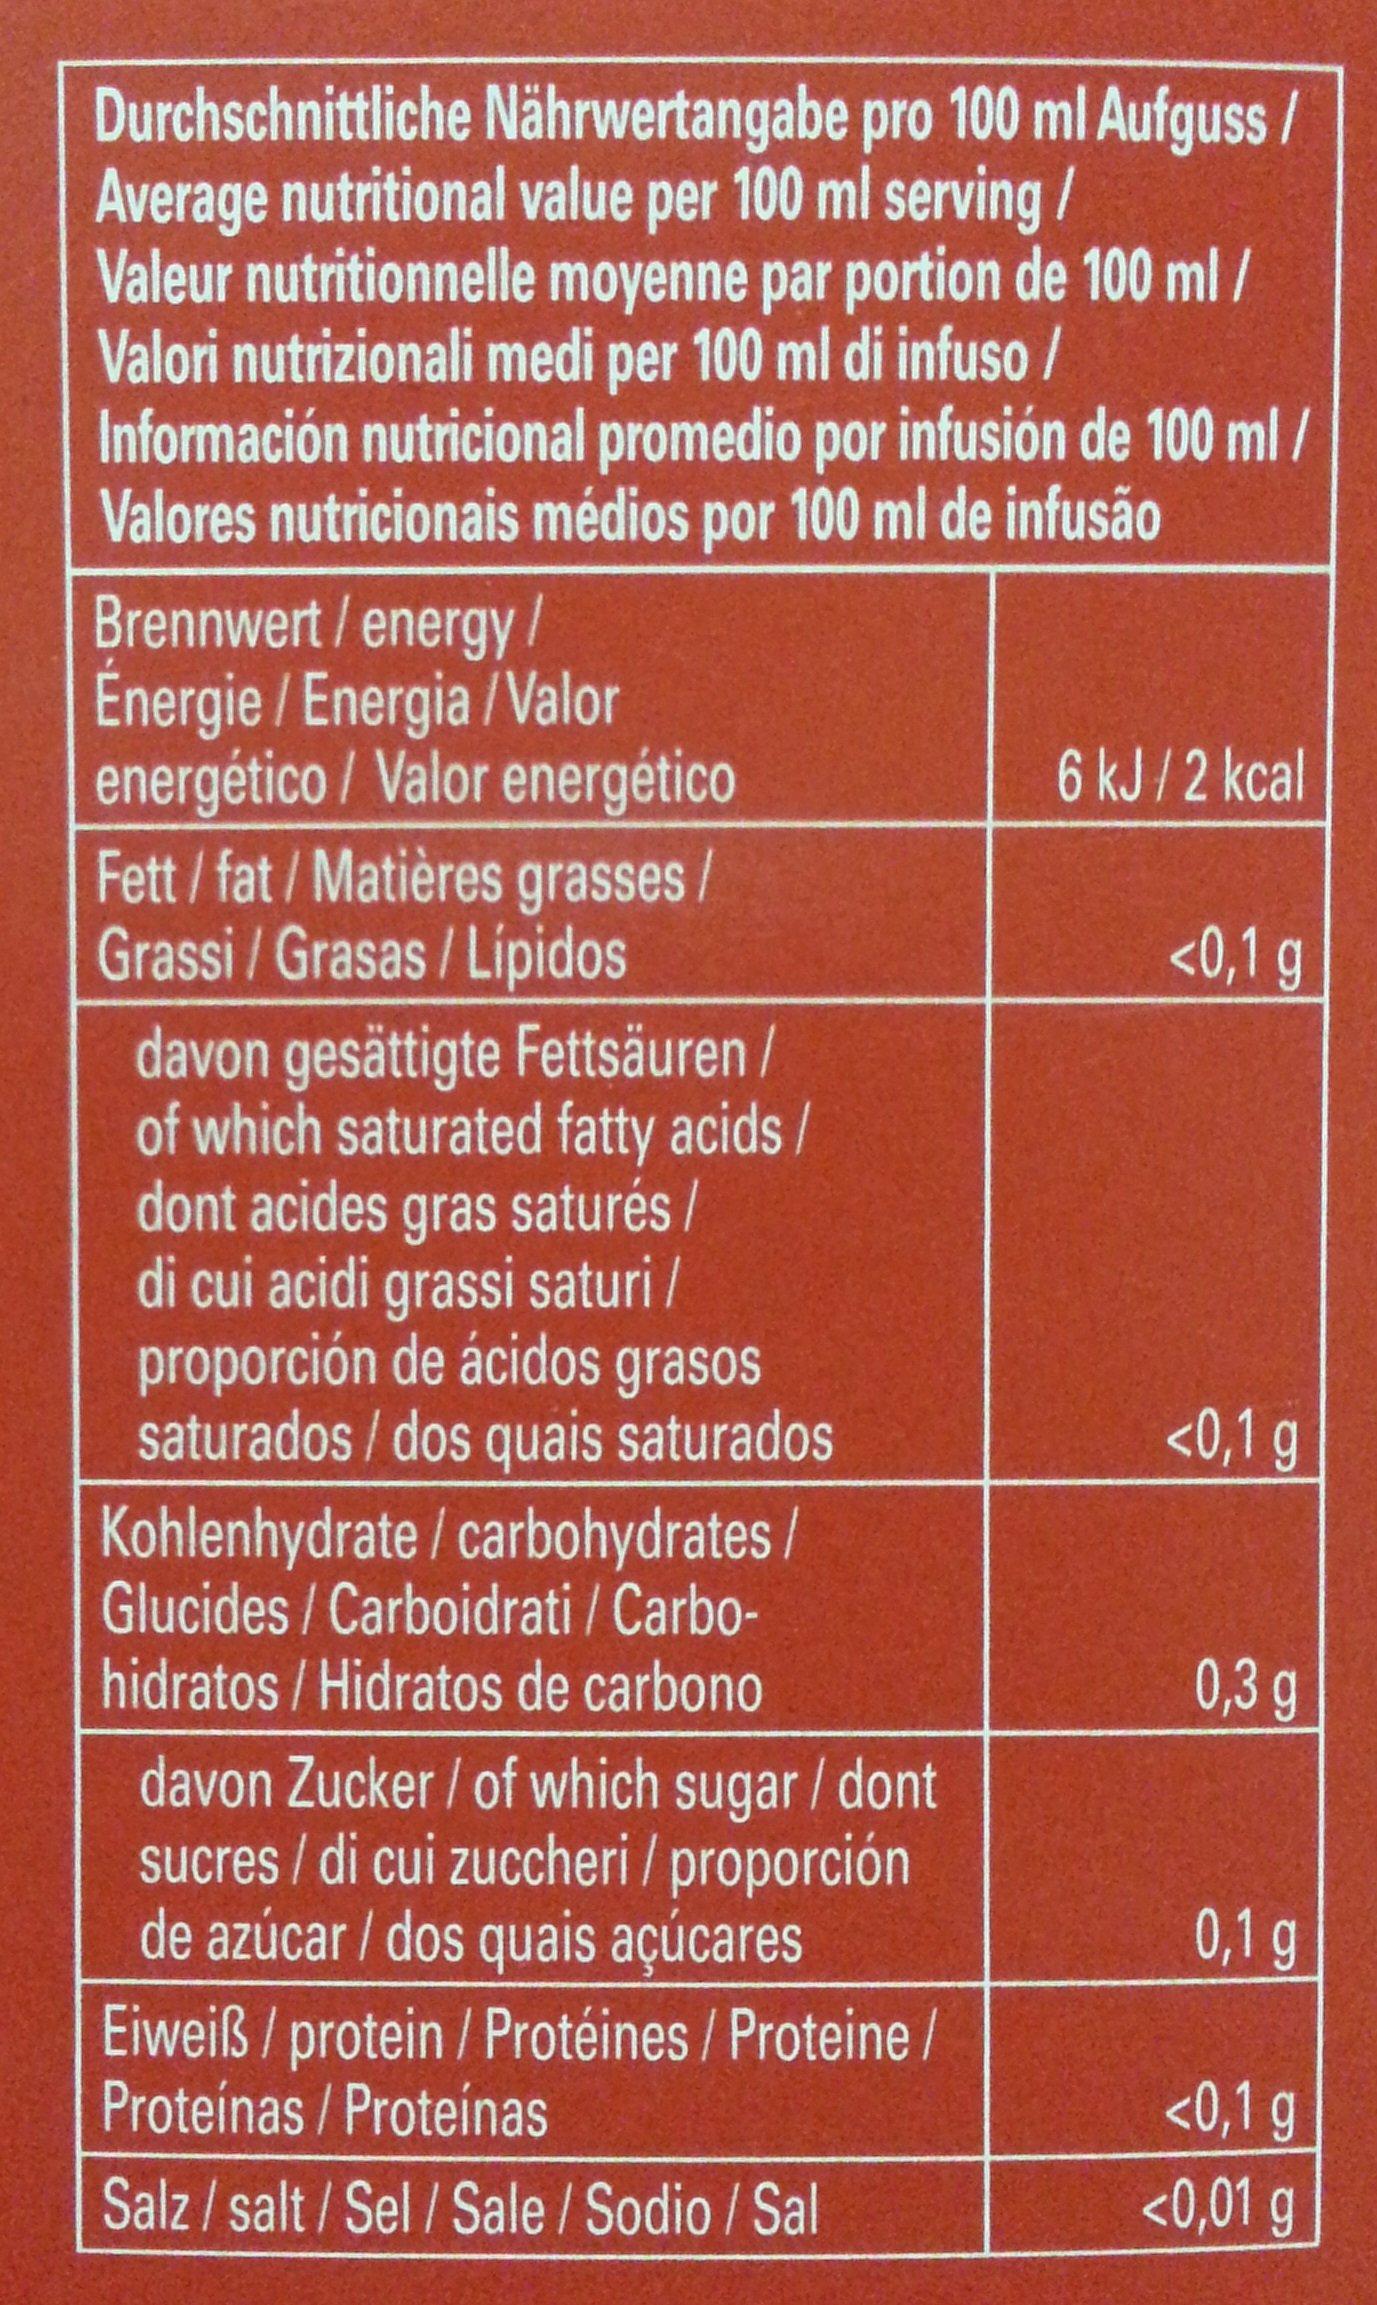 Ronnefeldt-Teavelope-2er-Pack-Red-Berries-Aromatisierter-Frchtetee-2x25x25g-Teebtl